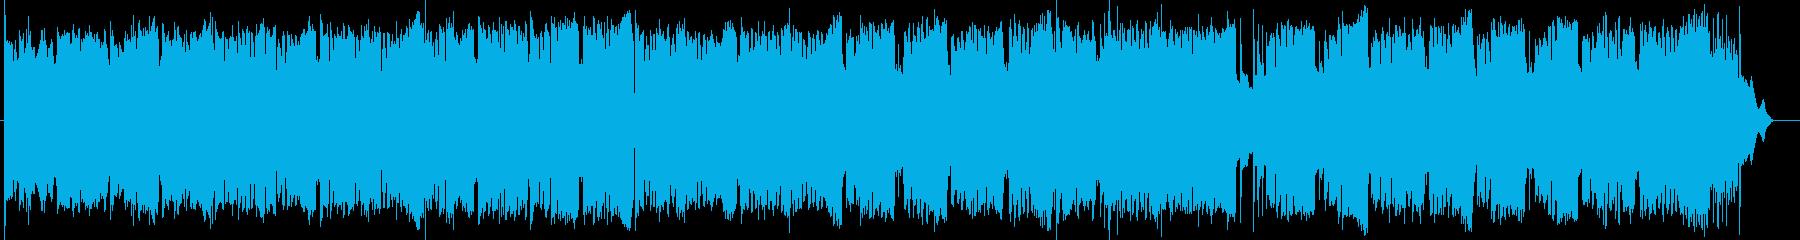 ワルツのリズムの綺麗なゴスペル風曲の再生済みの波形